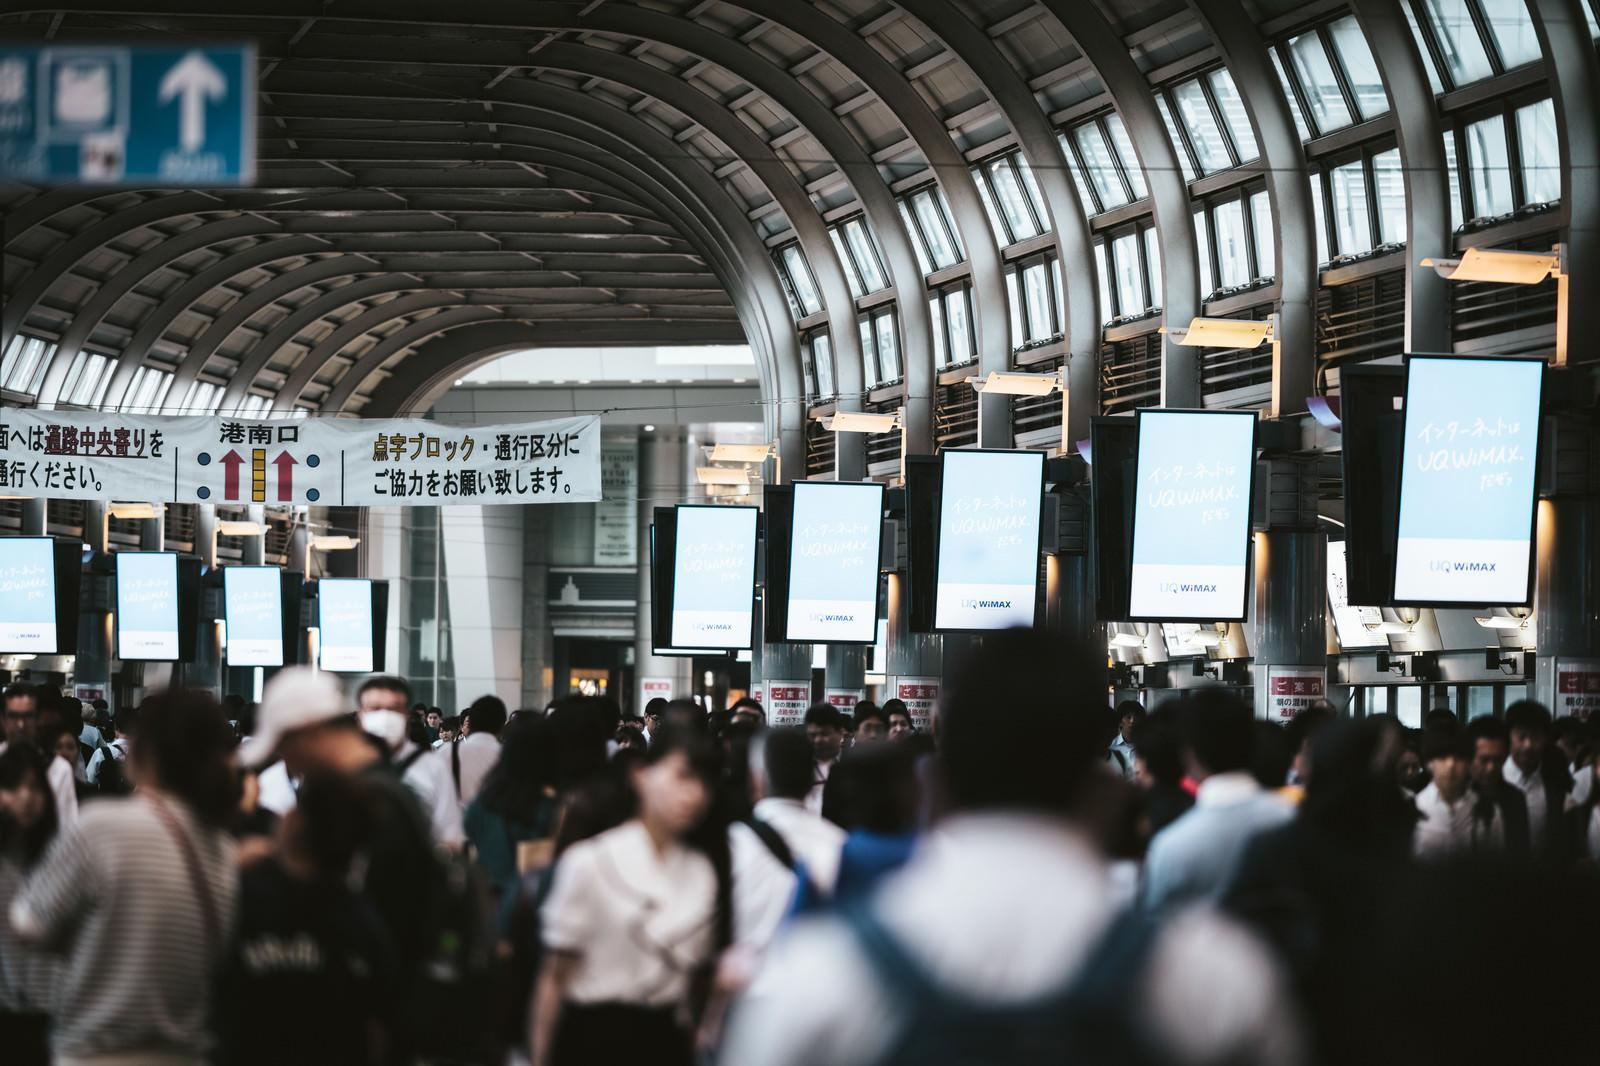 「品川駅の帰宅ラッシュ」の写真